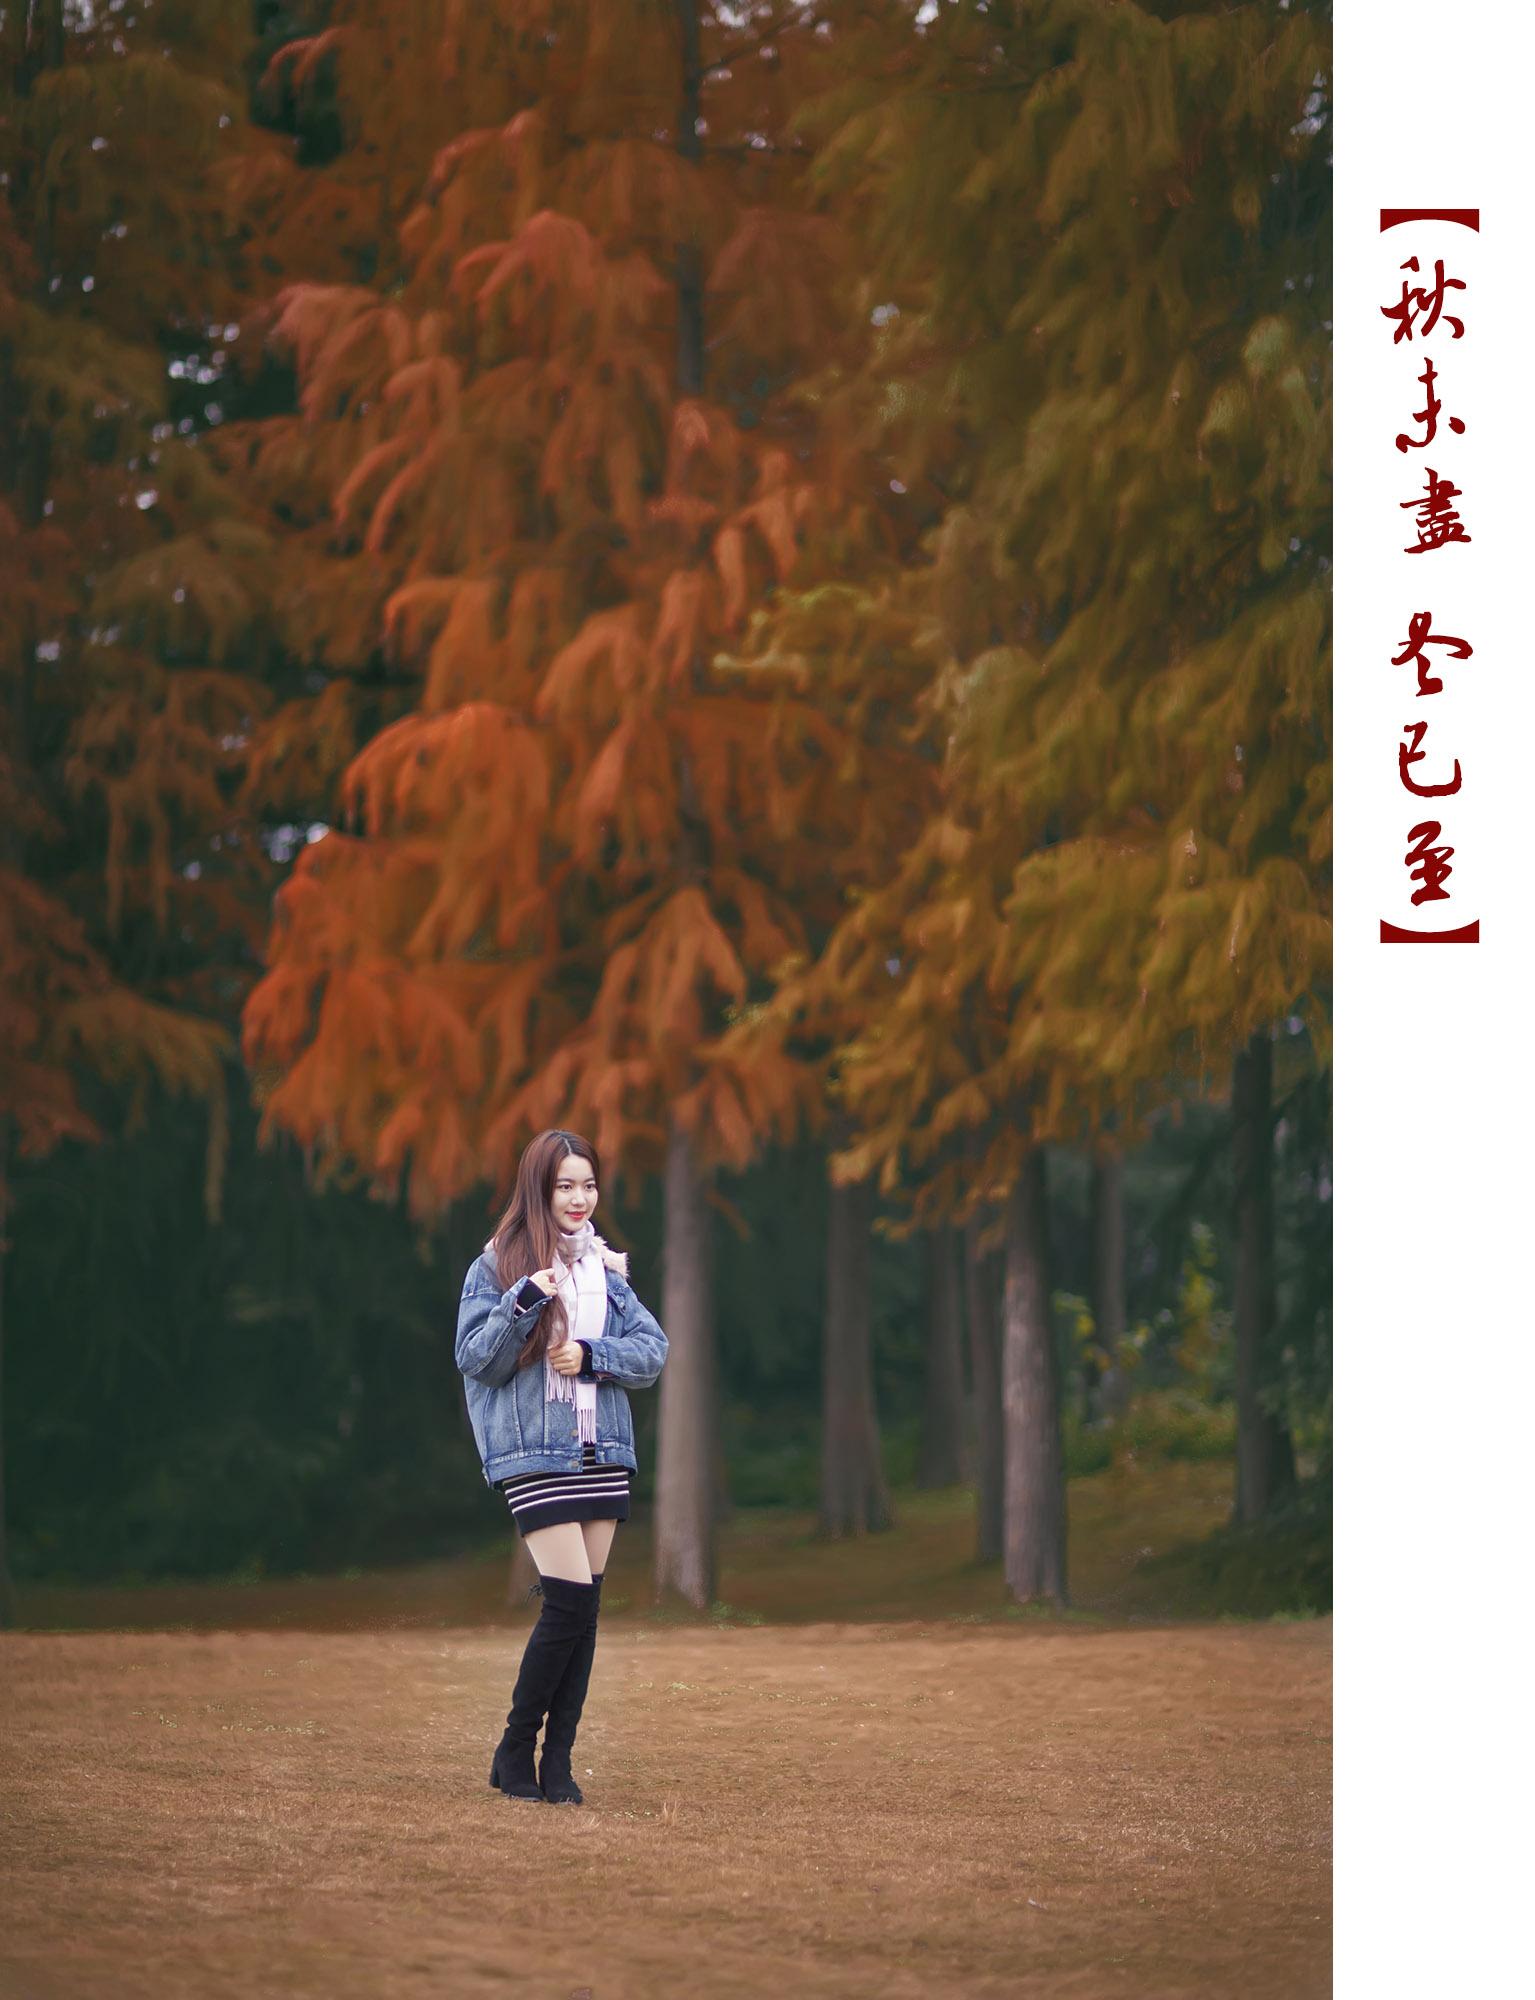 _MG_0519.jpg